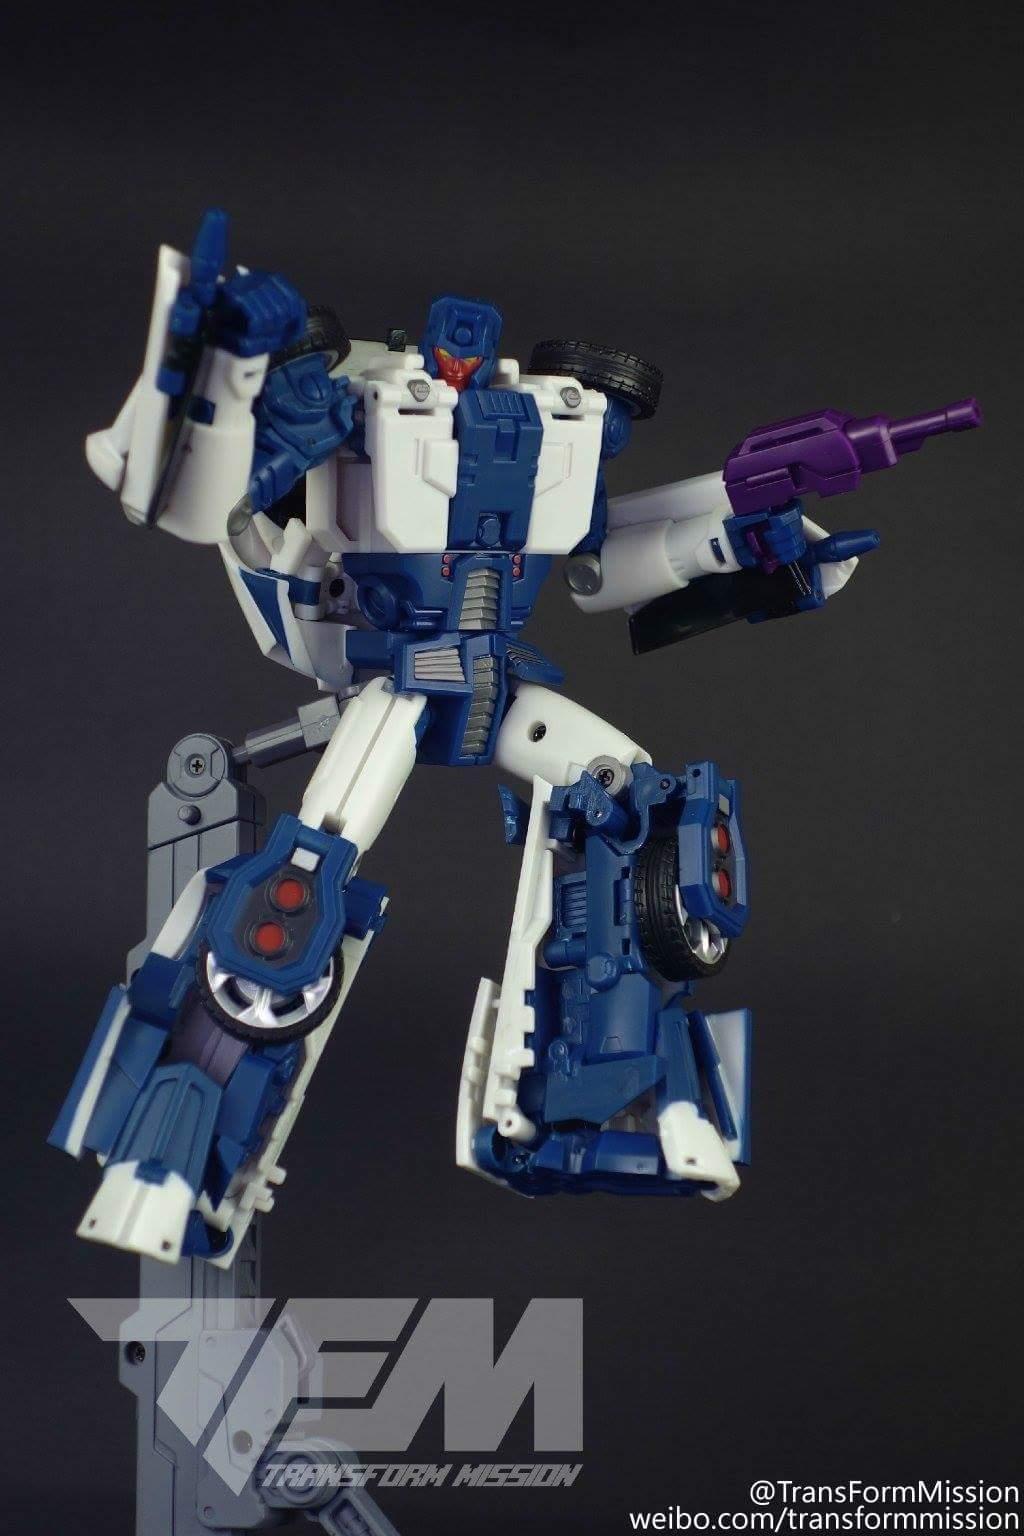 [Transform Mission] Produit Tiers - Jouet M-01 AutoSamurai - aka Menasor/Menaseur des BD IDW - Page 2 WObmaOGh